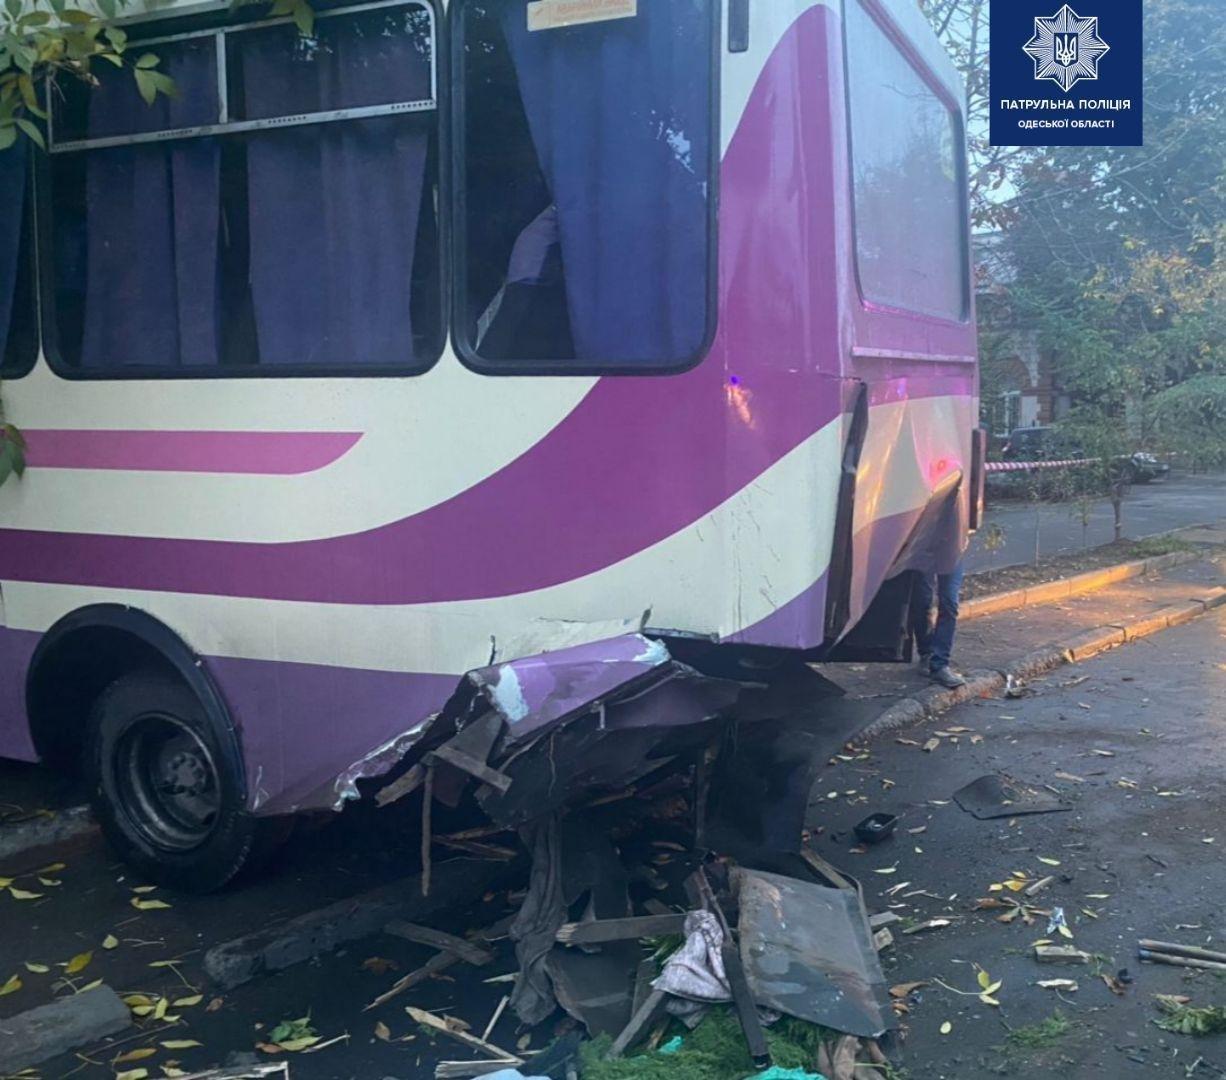 В Одессе мужчина угнал машину и на большой скорости влетел в автобус, есть пострадавшие, - ФОТО, фото-3